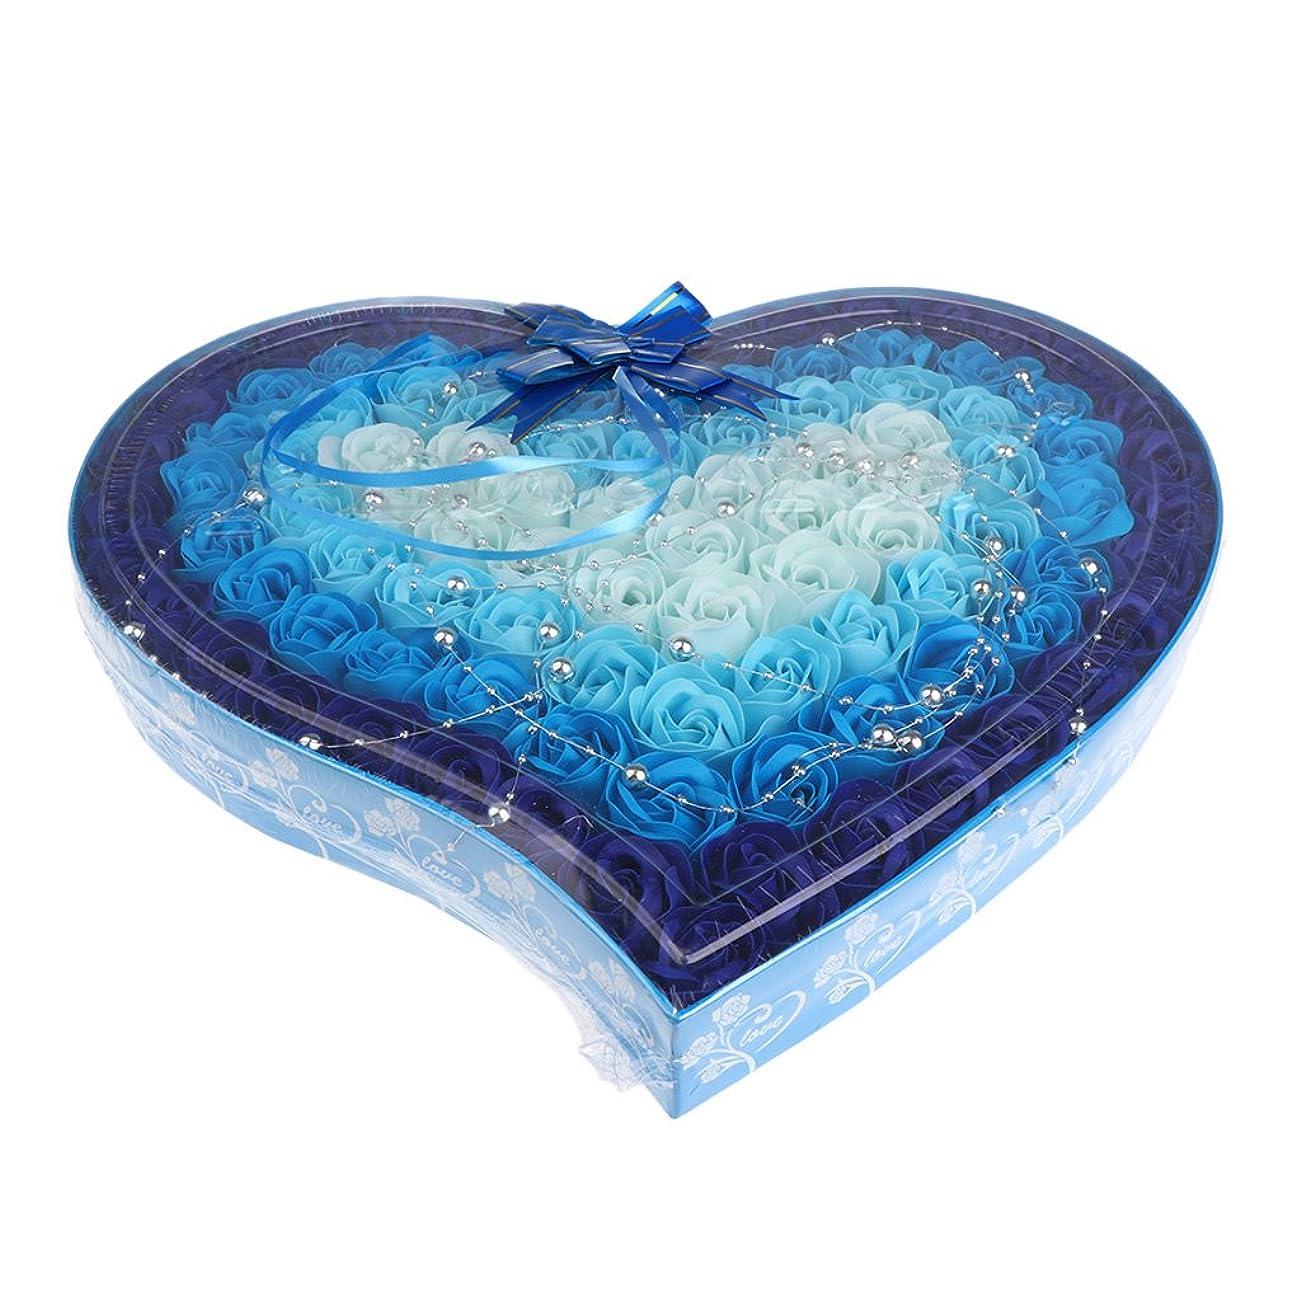 封建豆価値のないKesoto 石鹸の花 造花 ソープフラワー 心の形 ギフトボックス  母の日   バレンタイン プレゼント 全4色選べる - 青